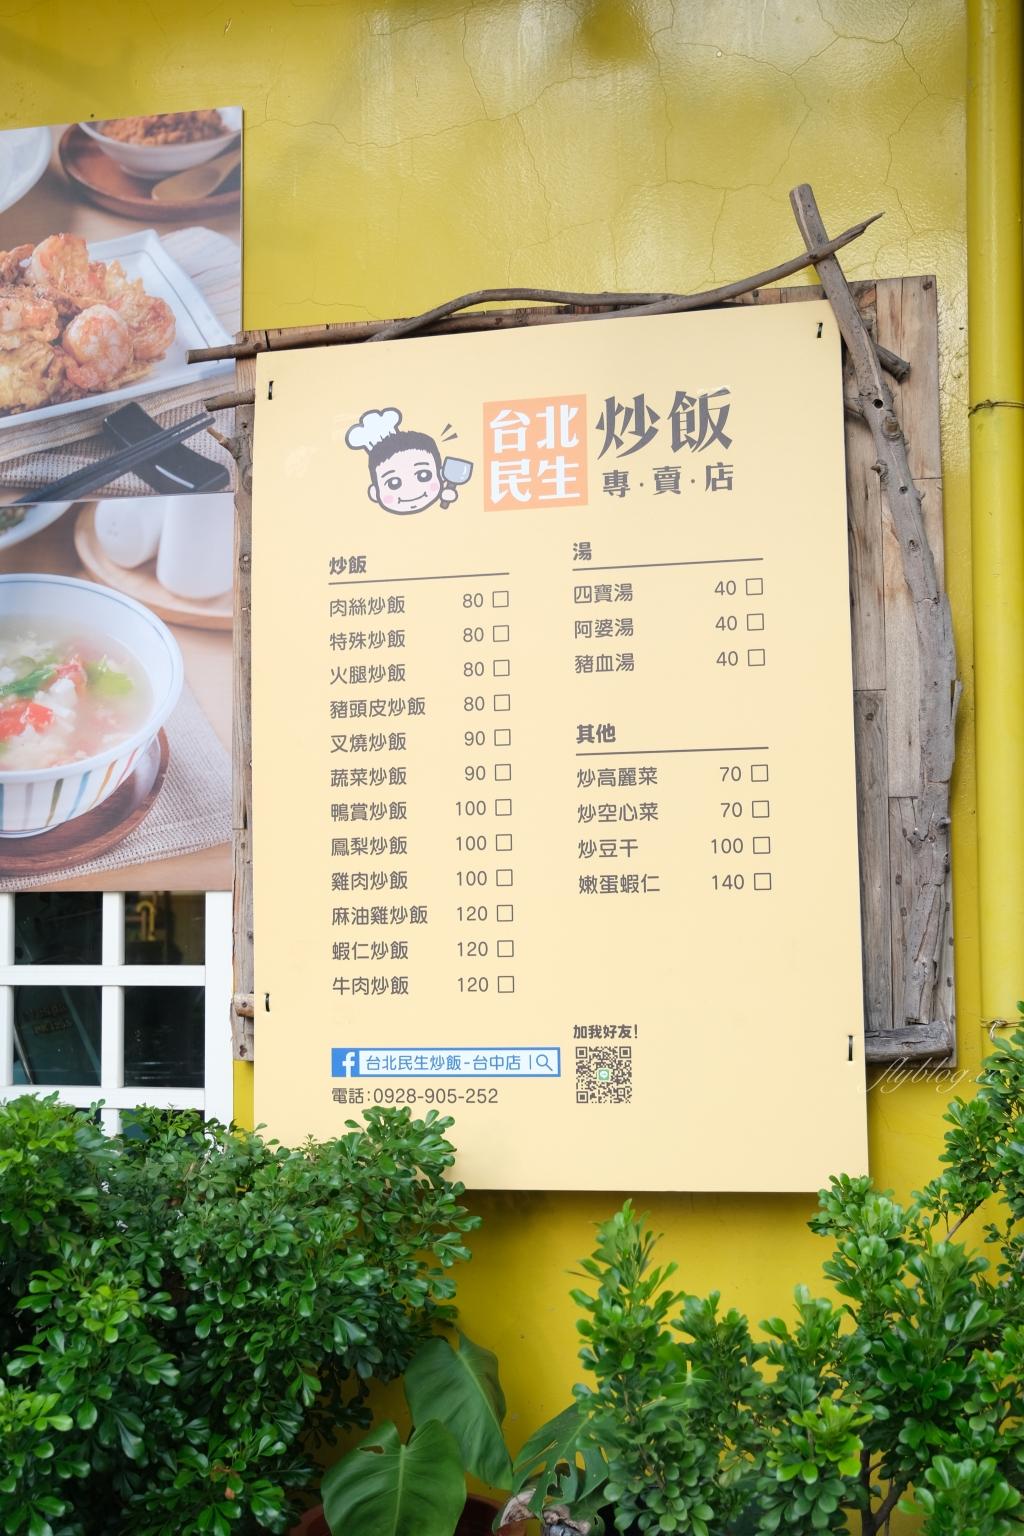 【台中西區】台北民生炒飯 台中店:網友票選全台最好吃的炒飯,現在進駐台中國美館商圈 @飛天璇的口袋